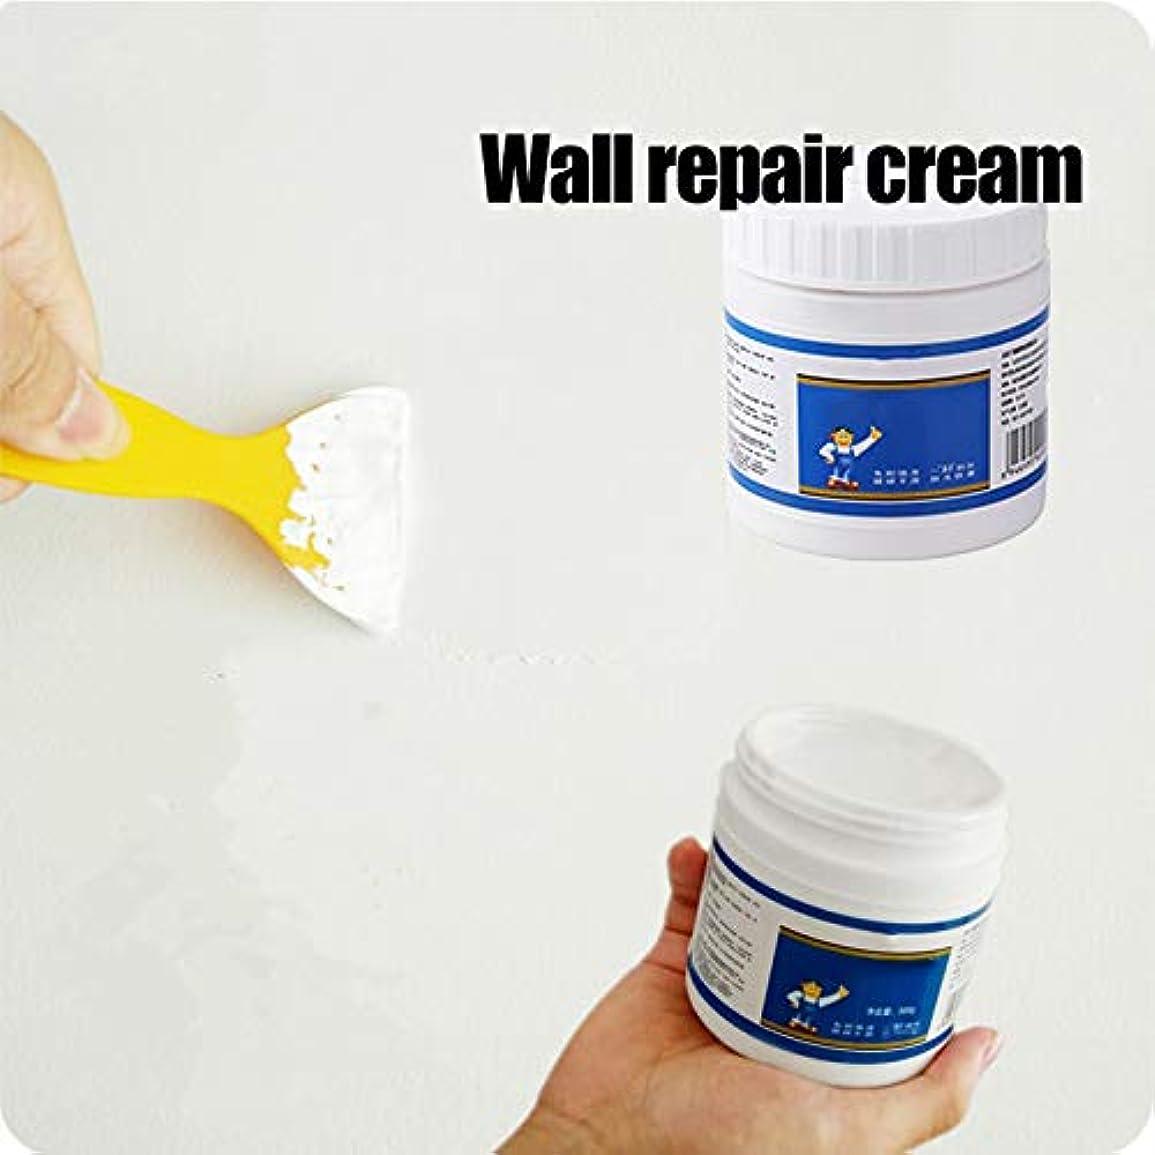 手を差し伸べるロバ電卓Aylincool壁修理クリーム、壁亀裂修理クリーム、ラテックスペースト防水非腐食性ホルムアルデヒドペーストラテックス